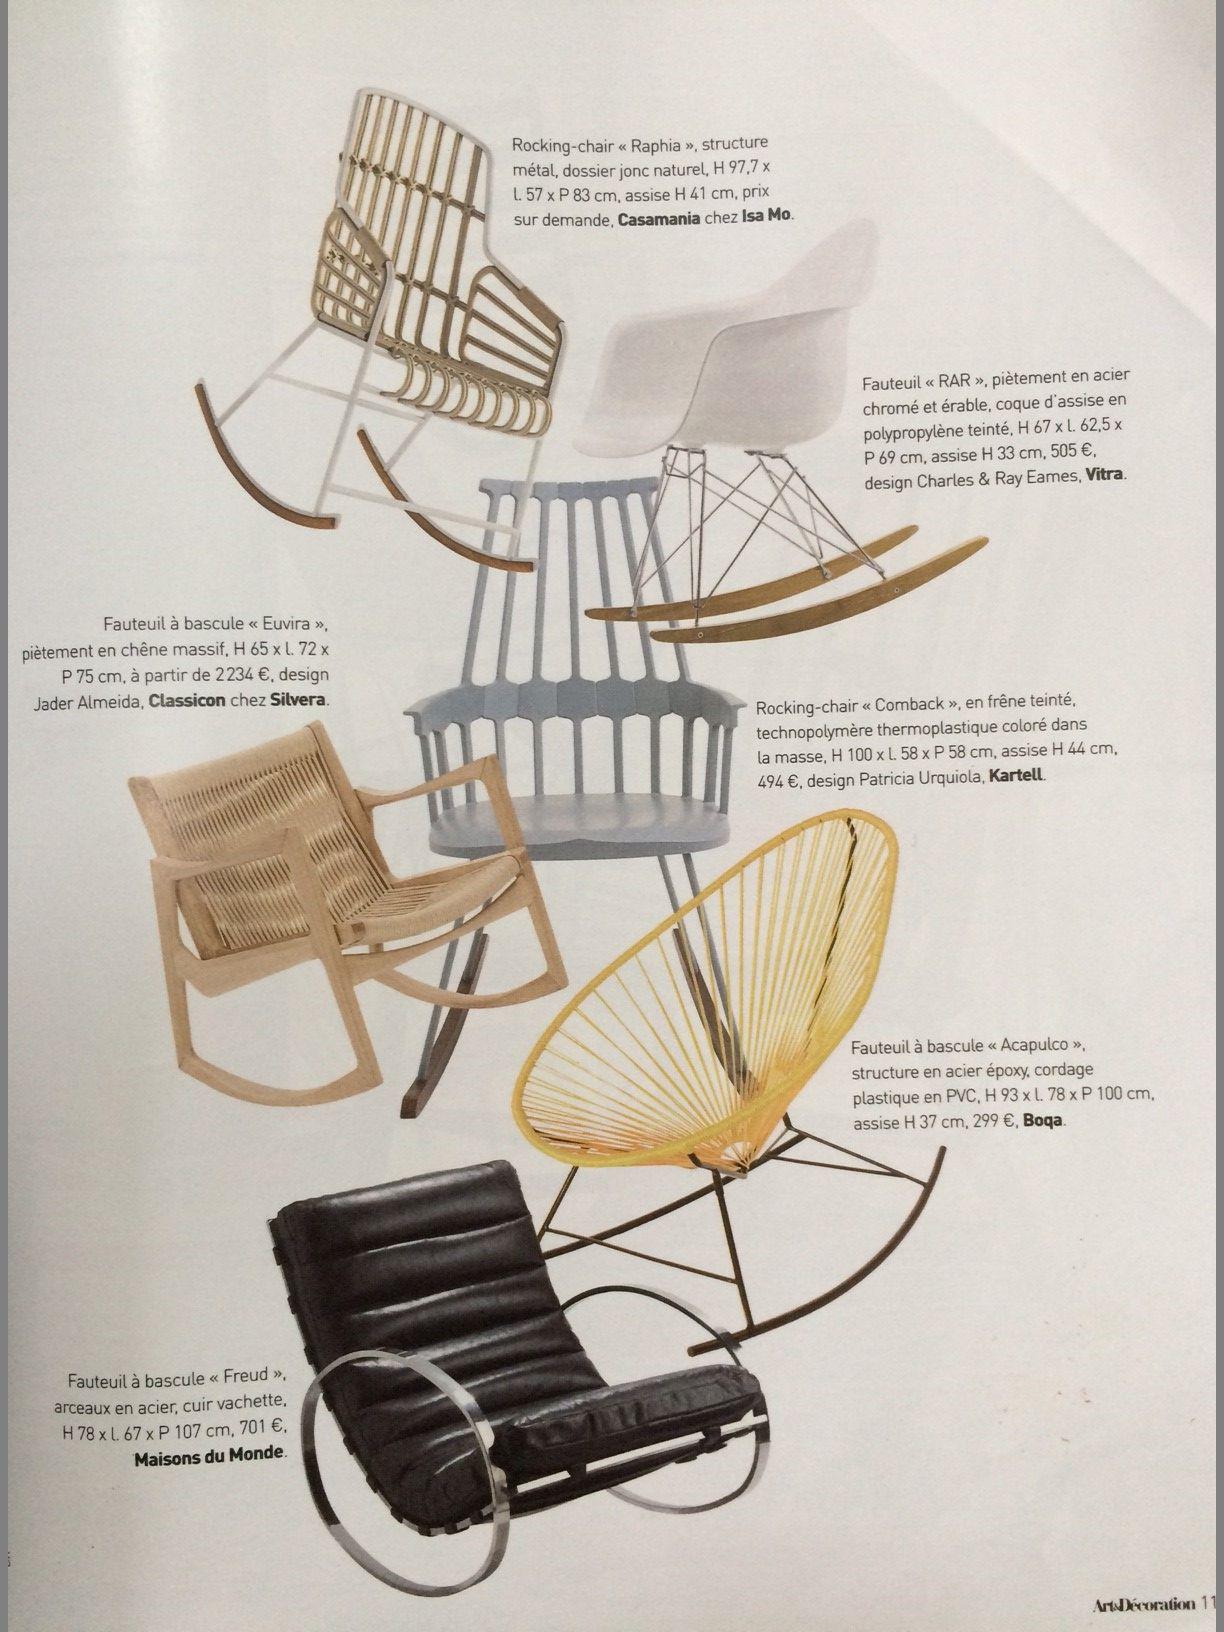 Boqa Fr boqa et le #fauteuil à #bascule rocking chair acapulco dans arts et